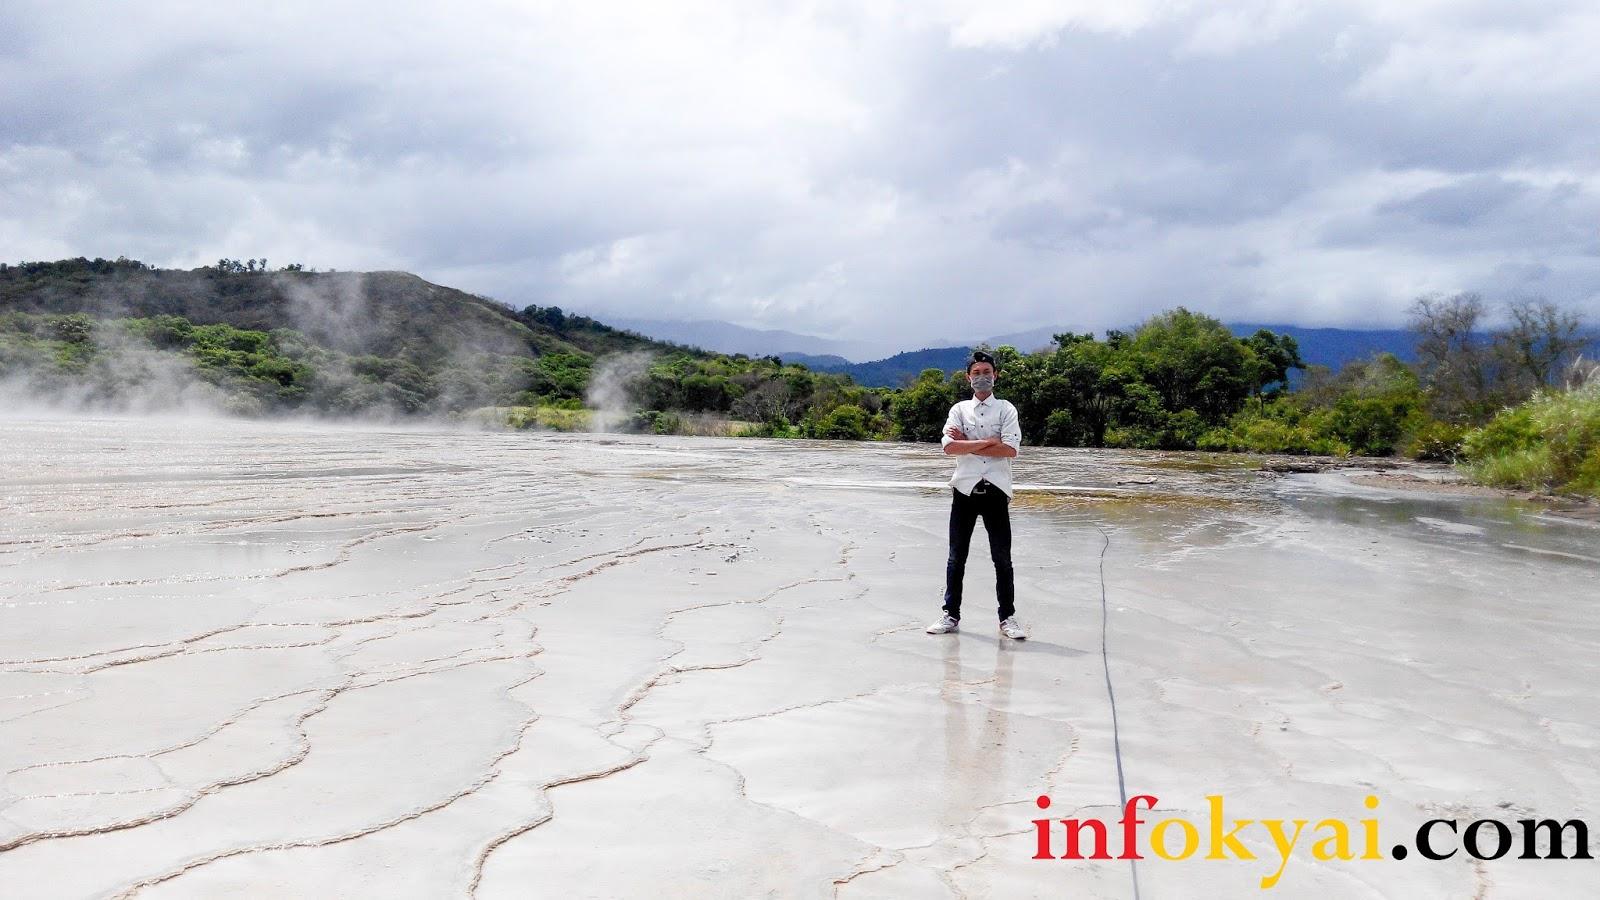 Suoh Lampung Barat Pesona Keindahan Wisata Alam Lampung Berita Viral Hari Ini Lowongan Kerja Hari Ini